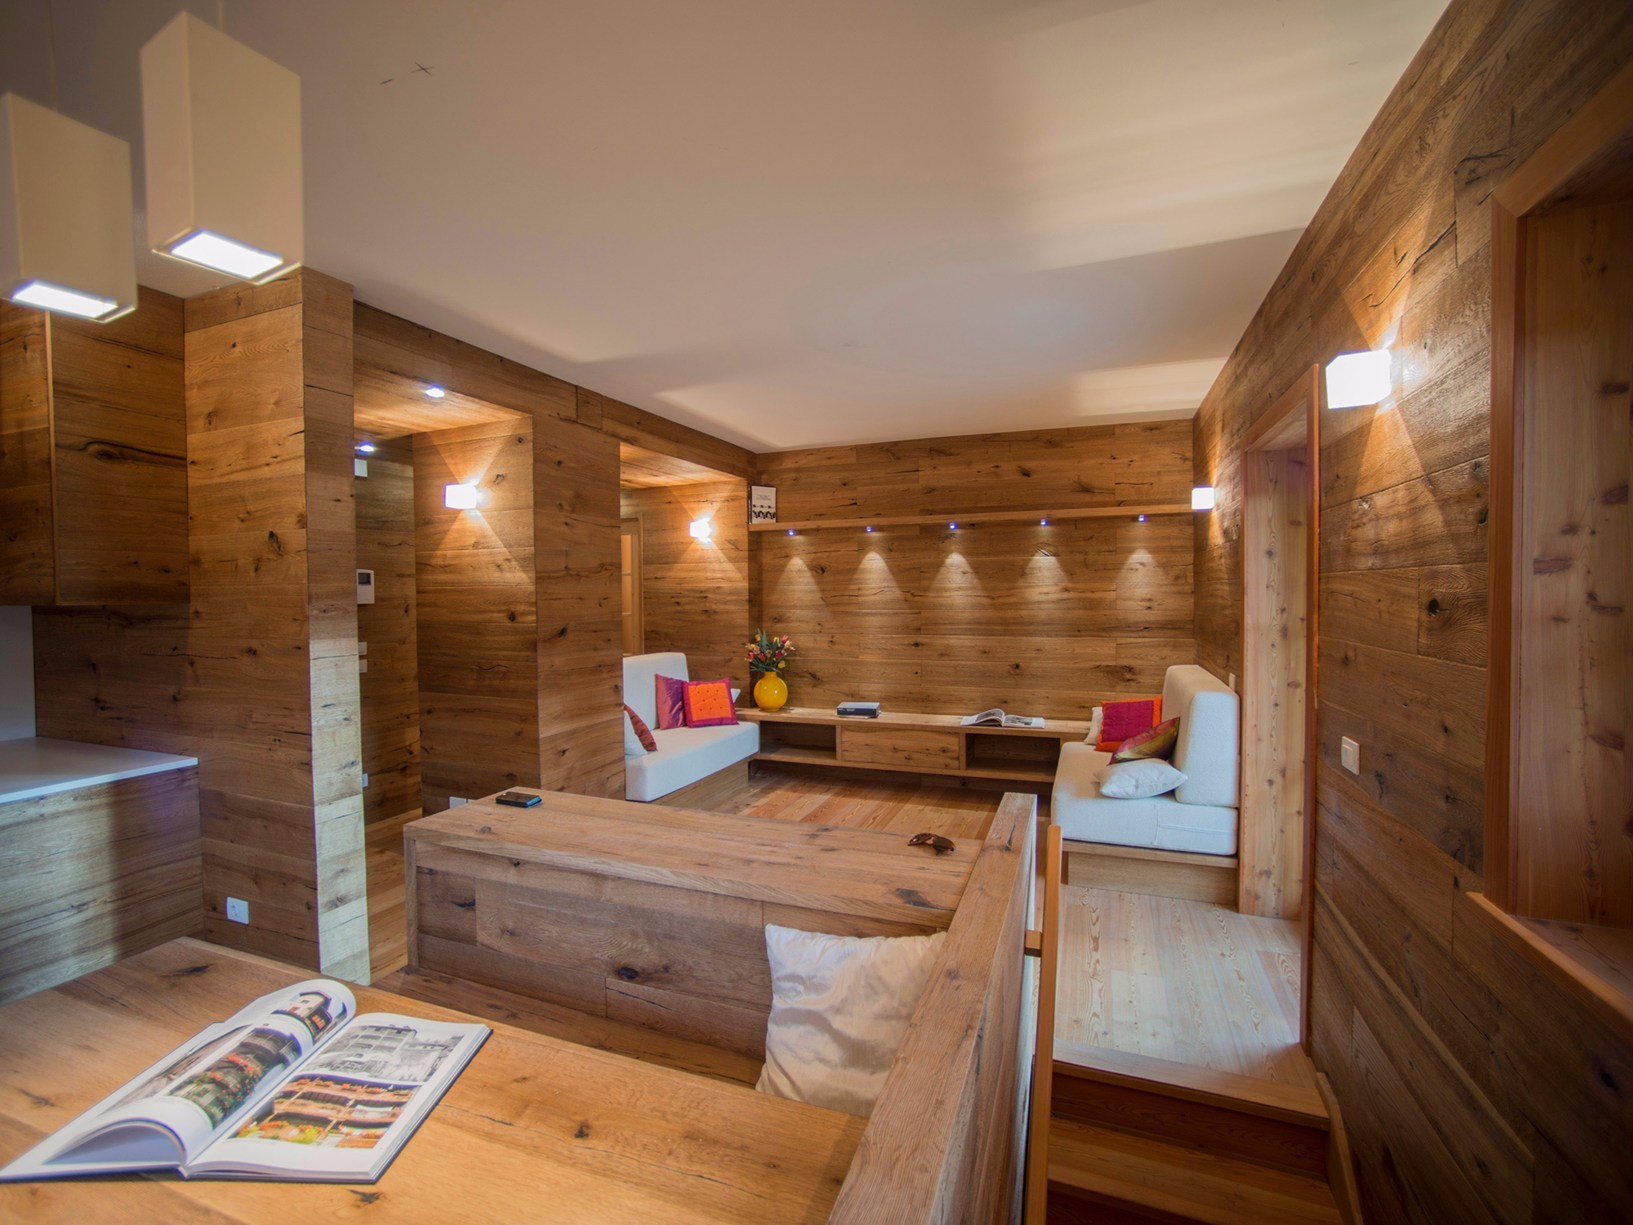 Un nido in legno immerso nel verde - Arredi case moderne ...